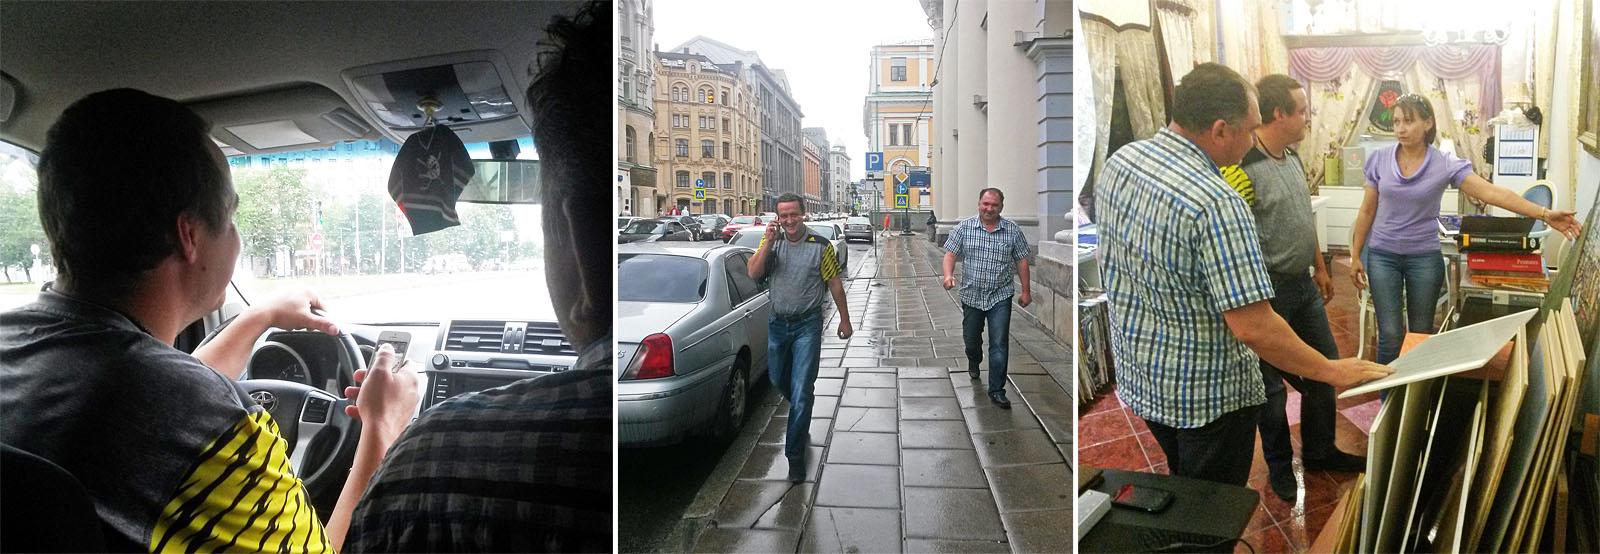 Лил дождь, но от этого прибавлялось свежести в воздухе. Лето. Красота.